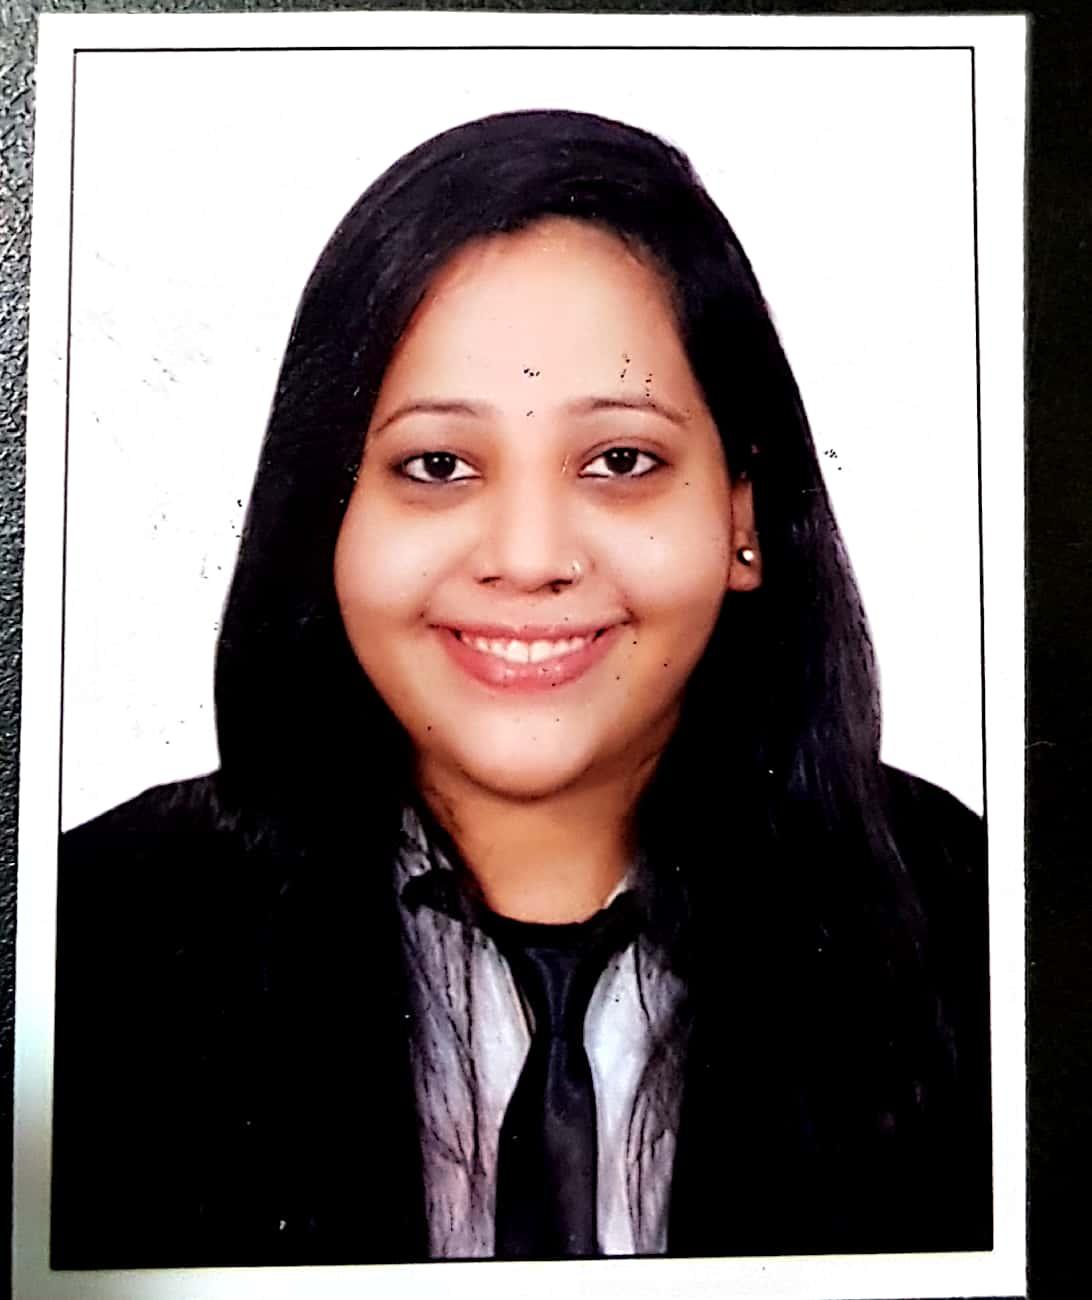 Advocate Yamini Gupta